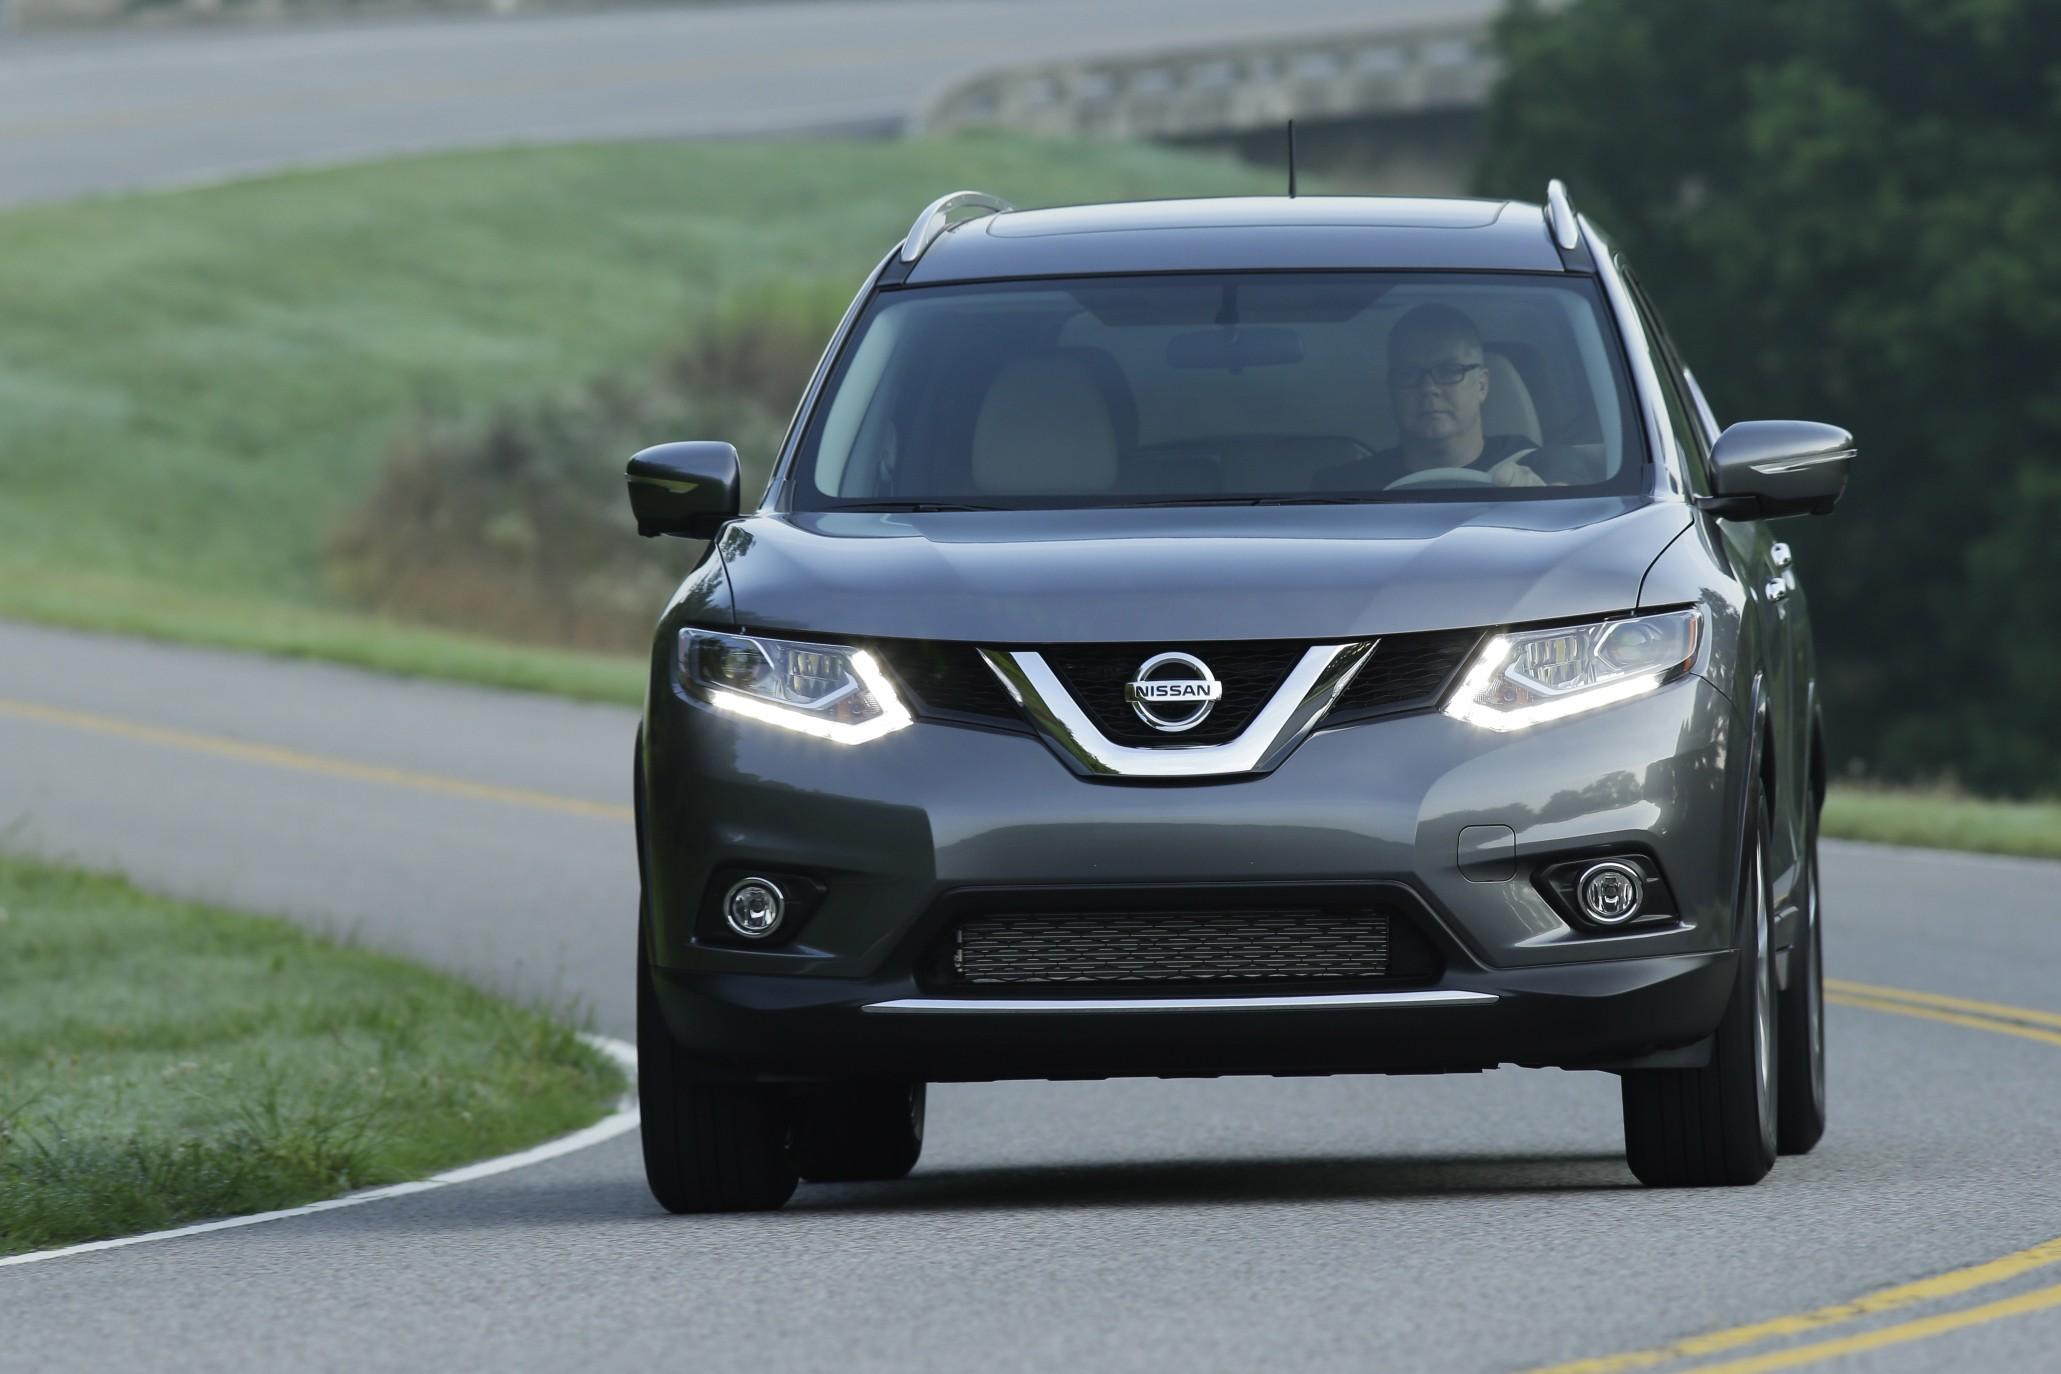 Nissan NV200 - Wikipedia